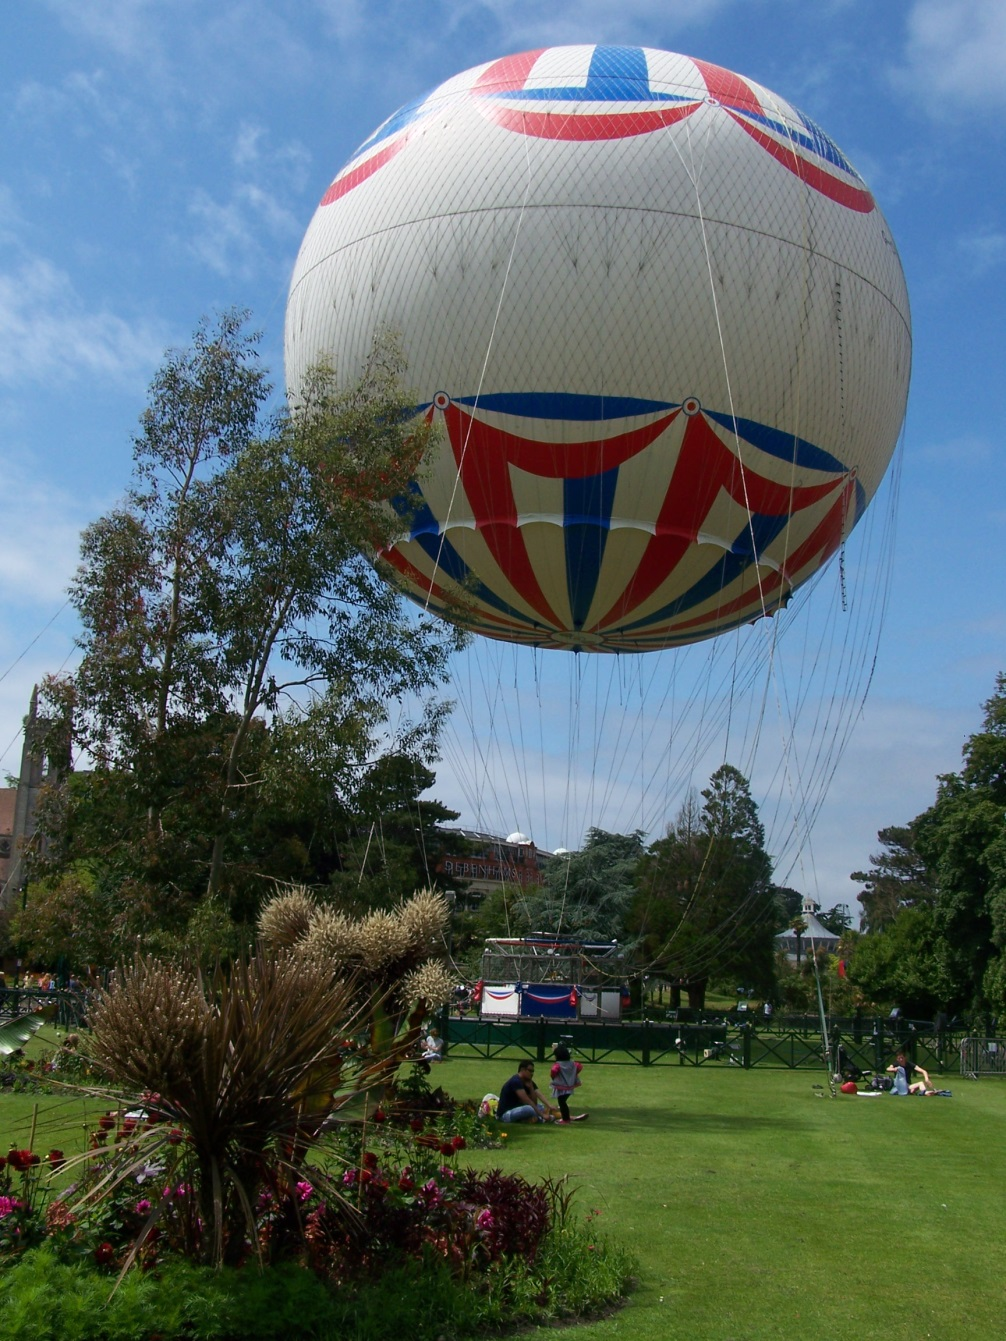 Прогулка на воздушном шаре, Борнмут